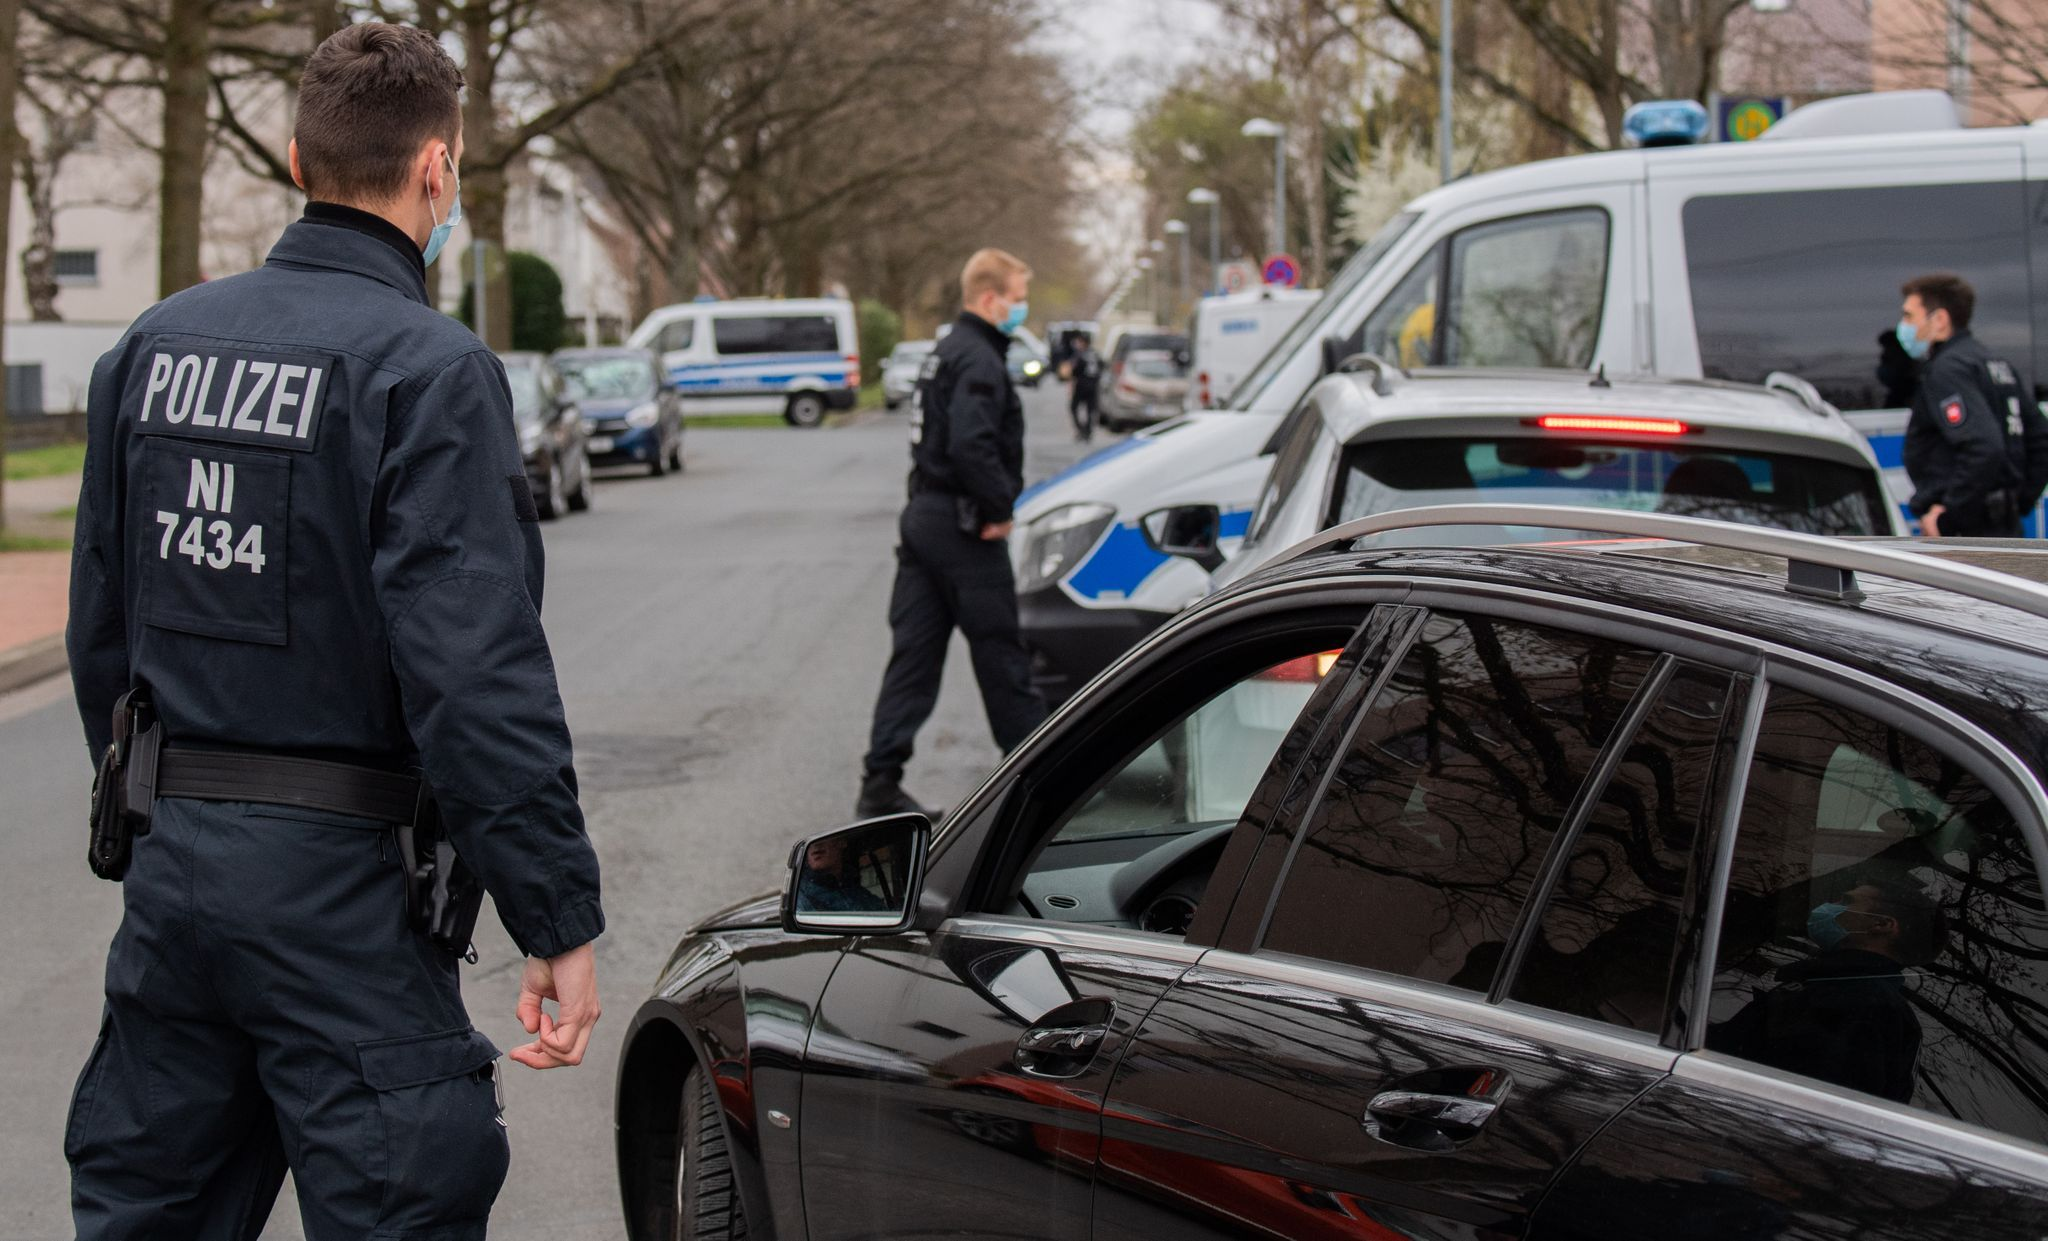 Polizisten kontrollieren ein Wohngebiet, in dem Niedersachsens Ministerpräsident Weil wohnt. Foto: Julian Stratenschulte / dpa